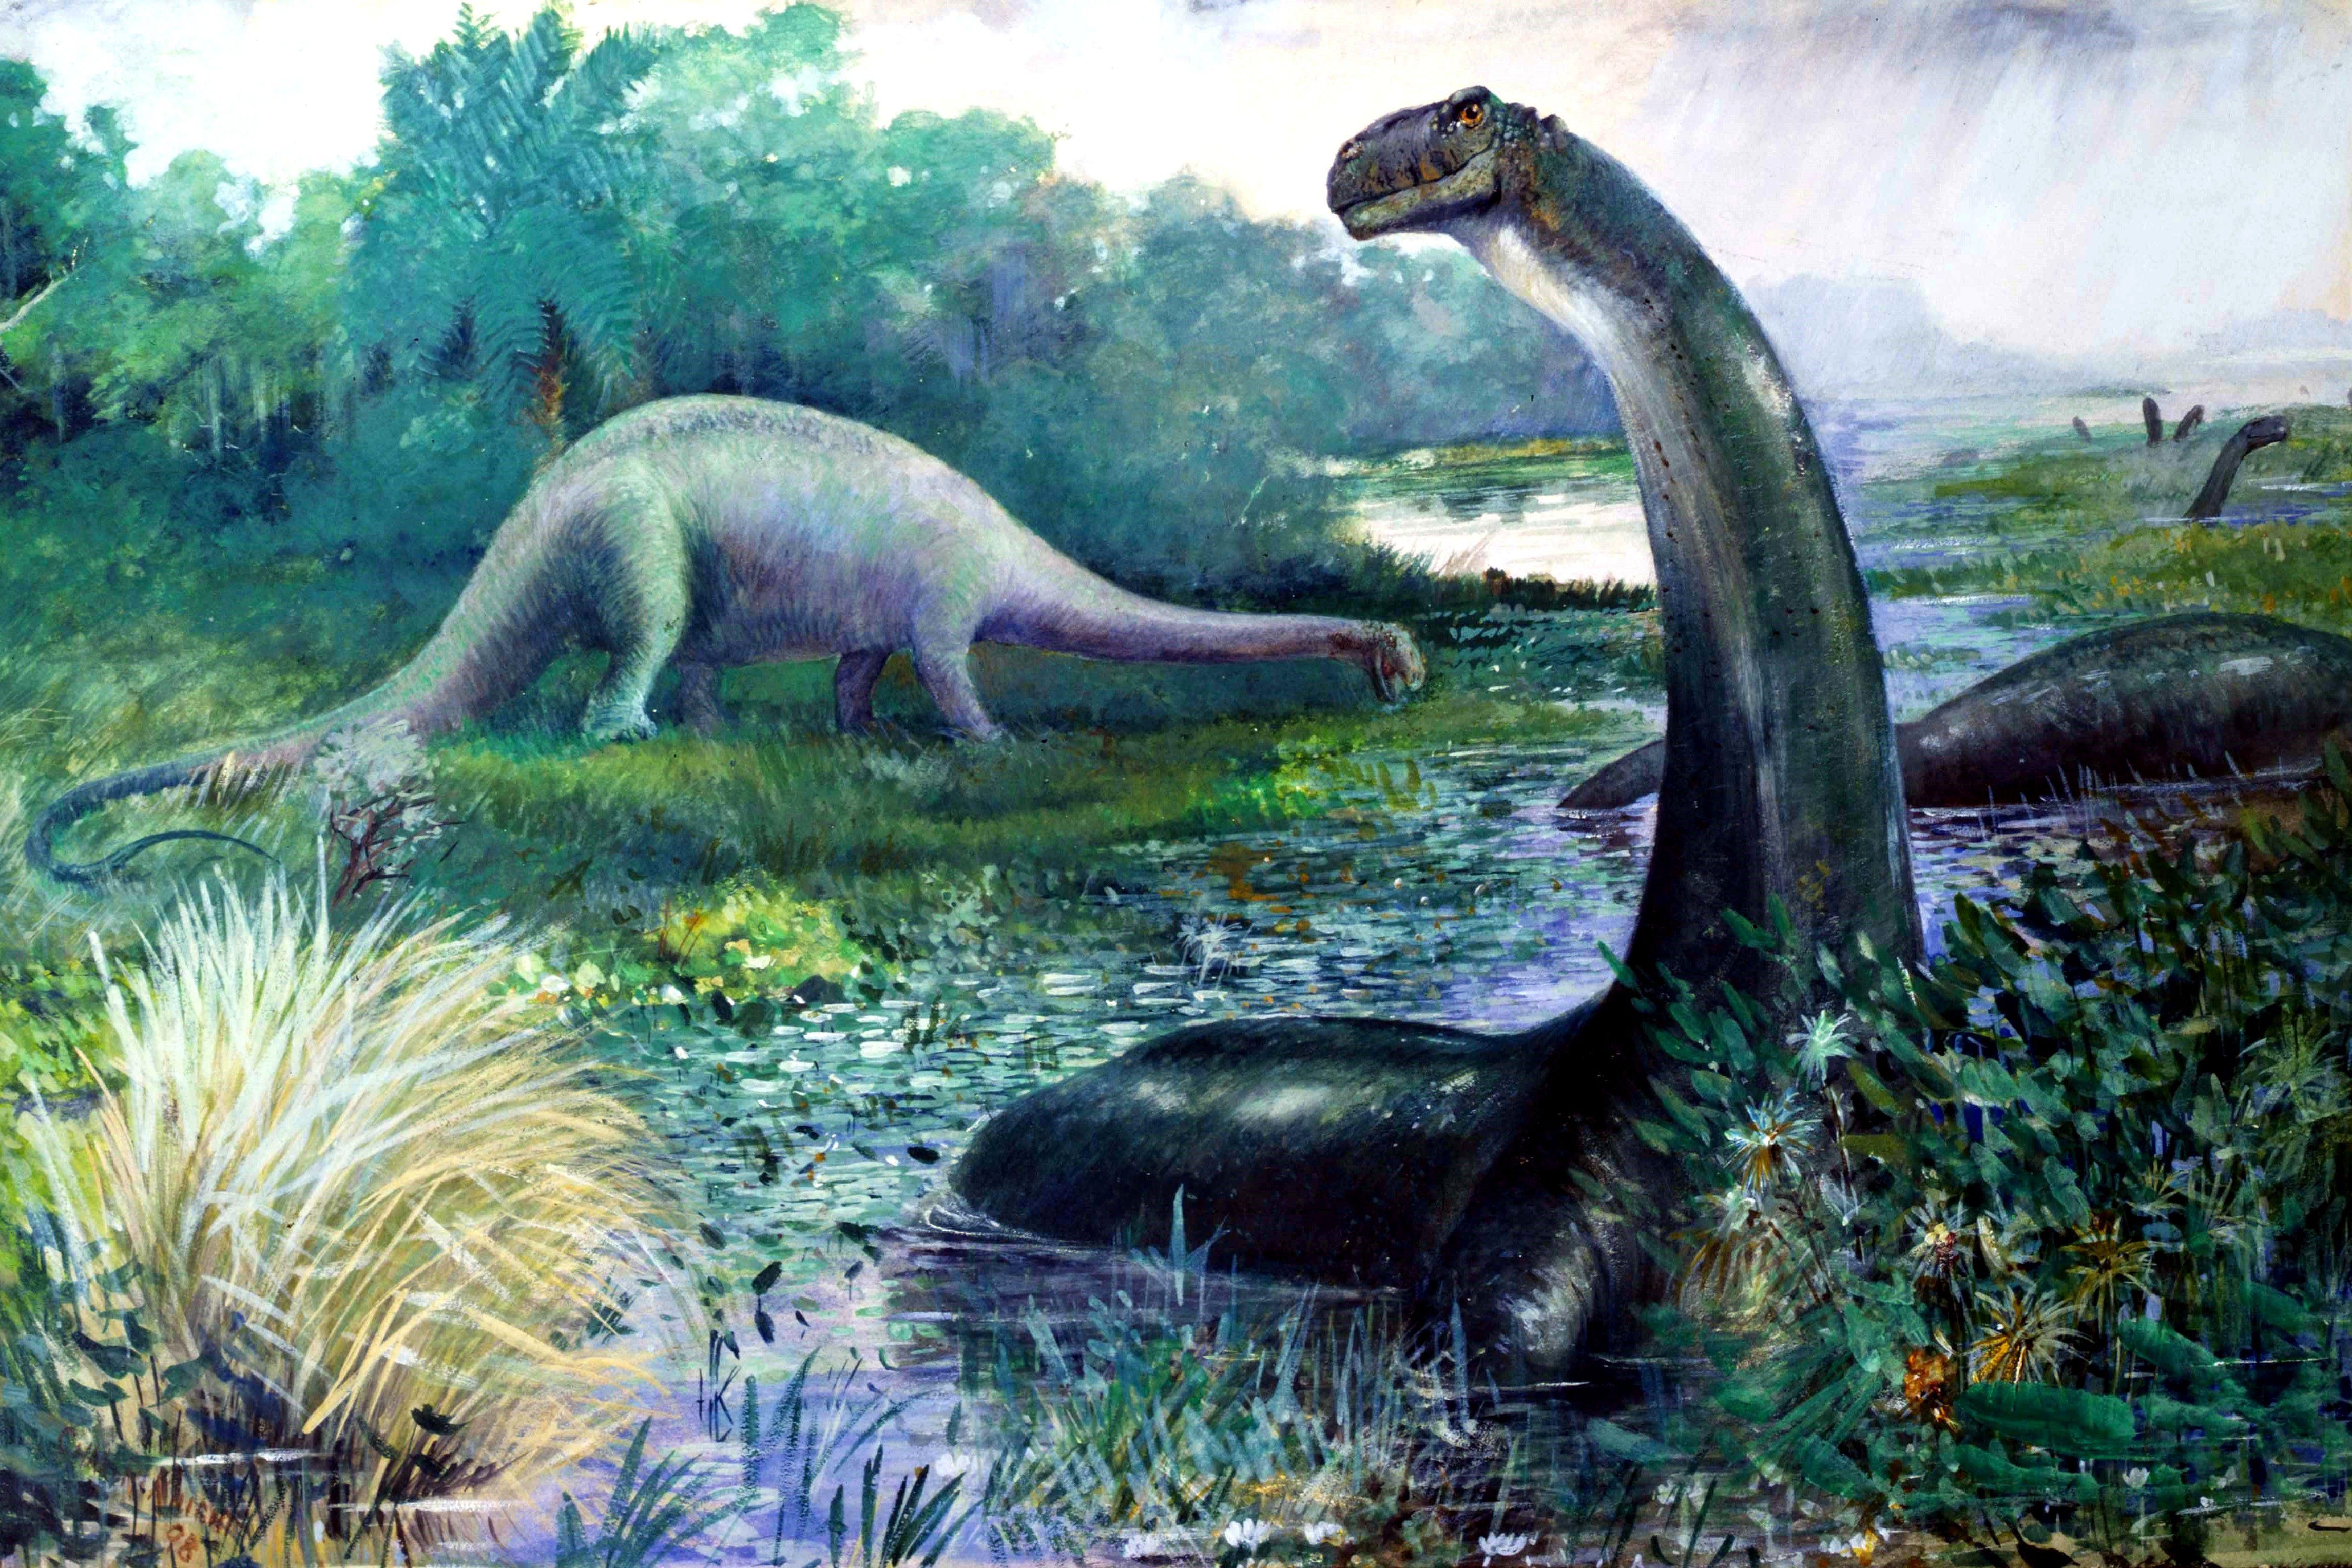 Una pintura obsoleta de 1897 de brontosaurio, ahora conocido como apatosaurio, que representa la forma de cabeza y el estilo de vida incorrectos